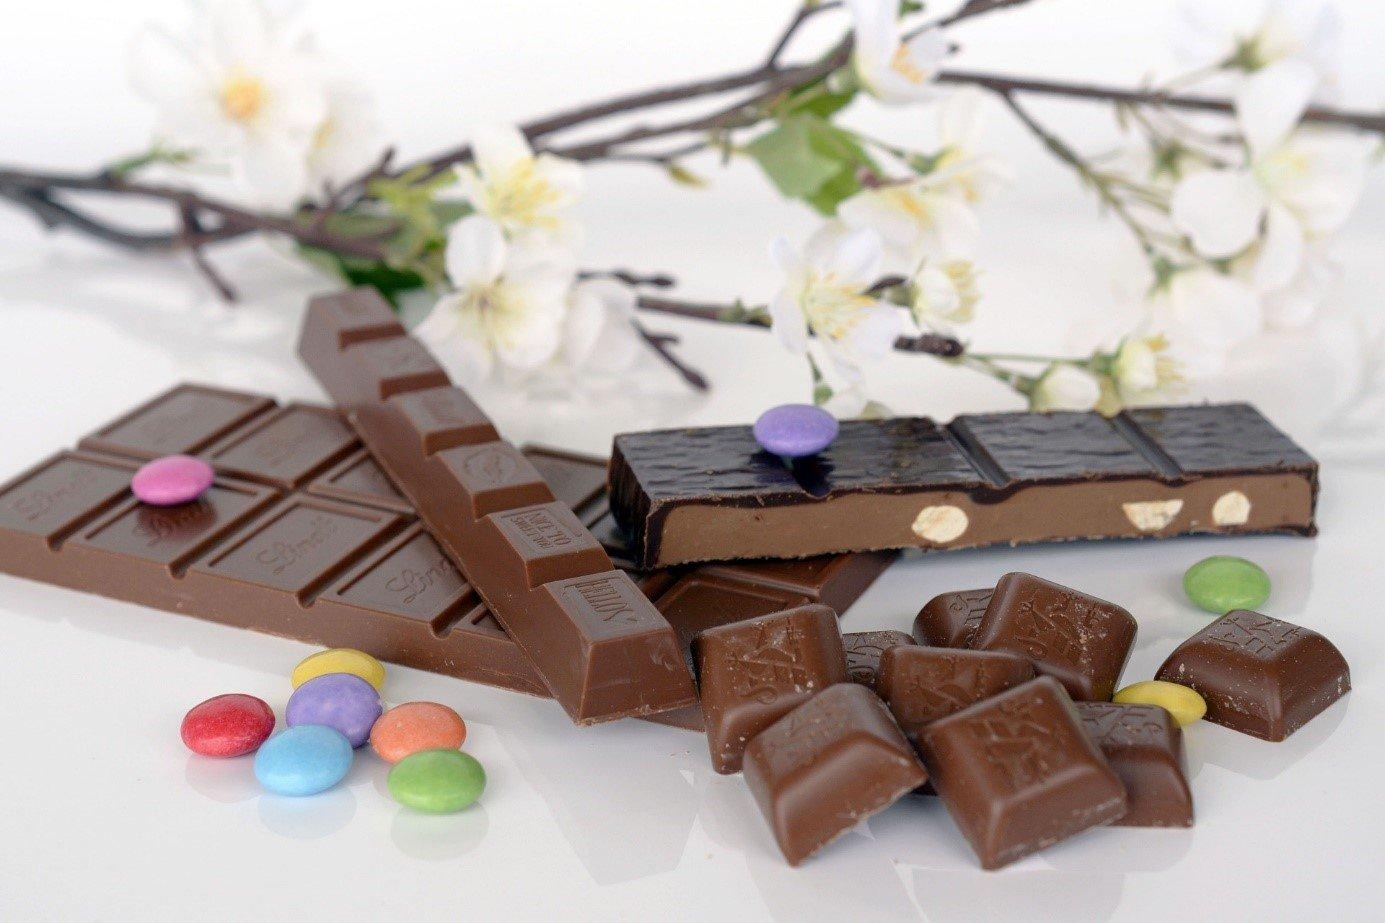 Se ne morete upreti čokoladi?